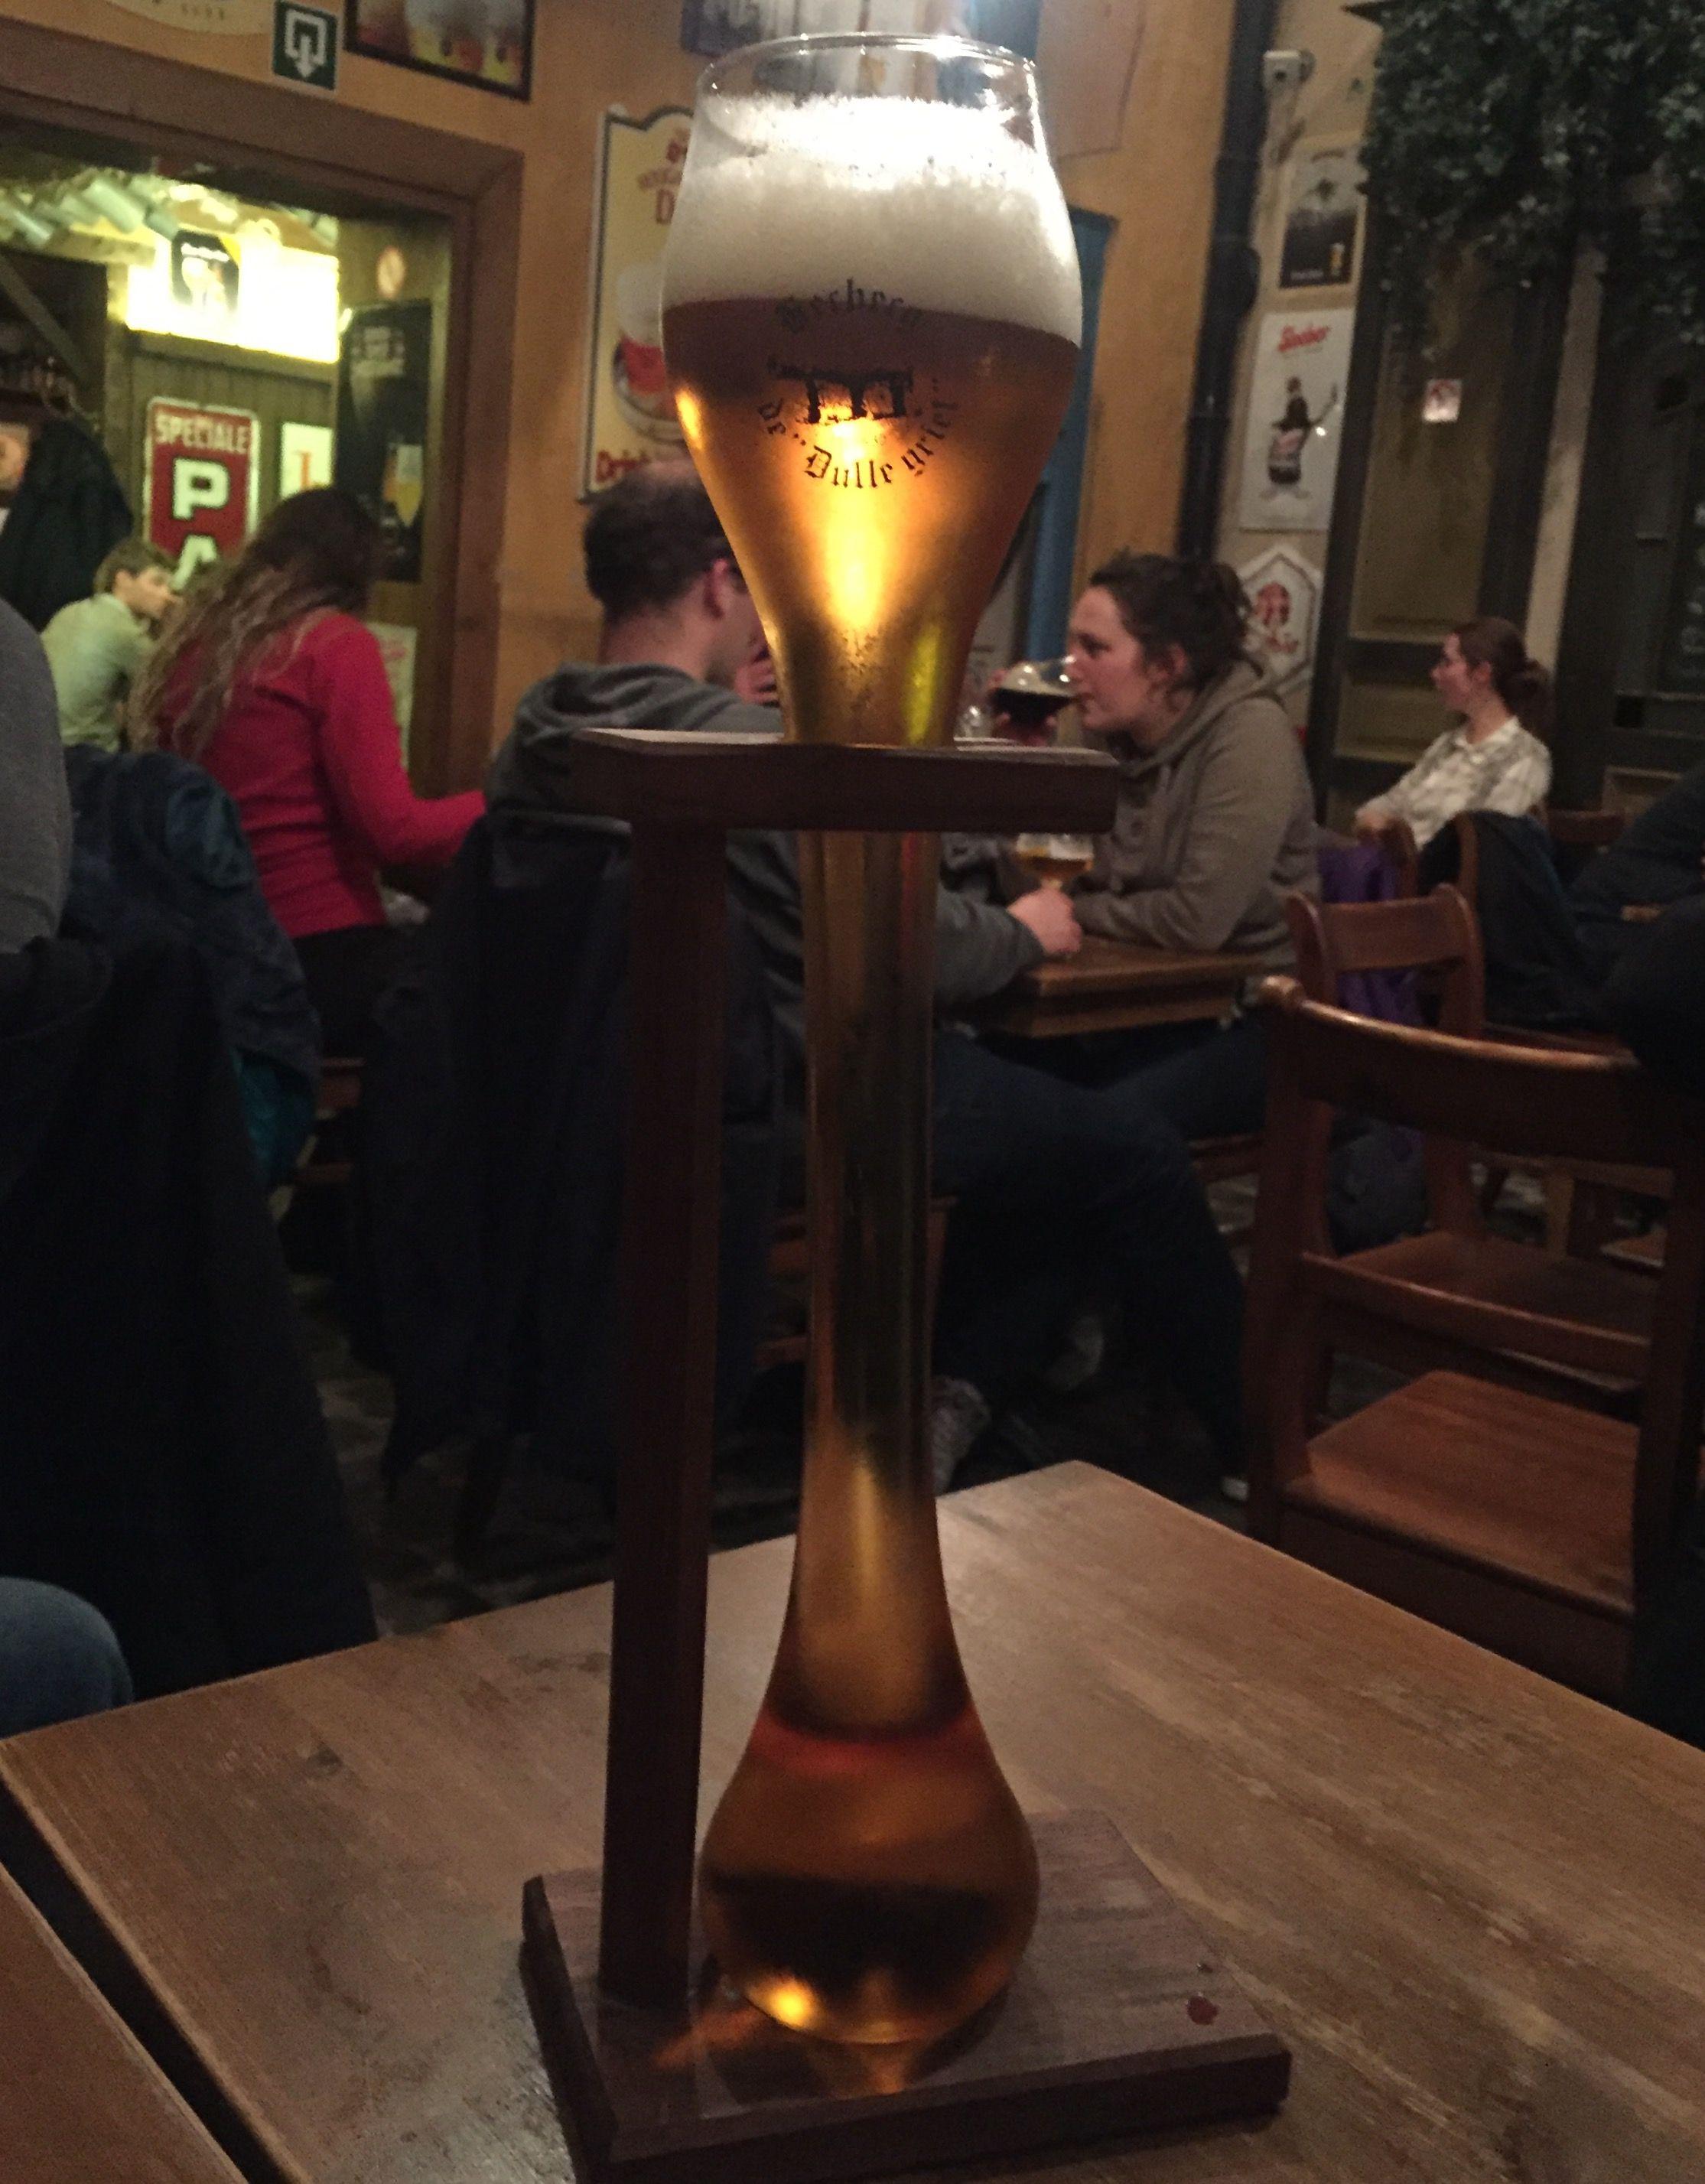 Cervecería Dulle Griet Gante